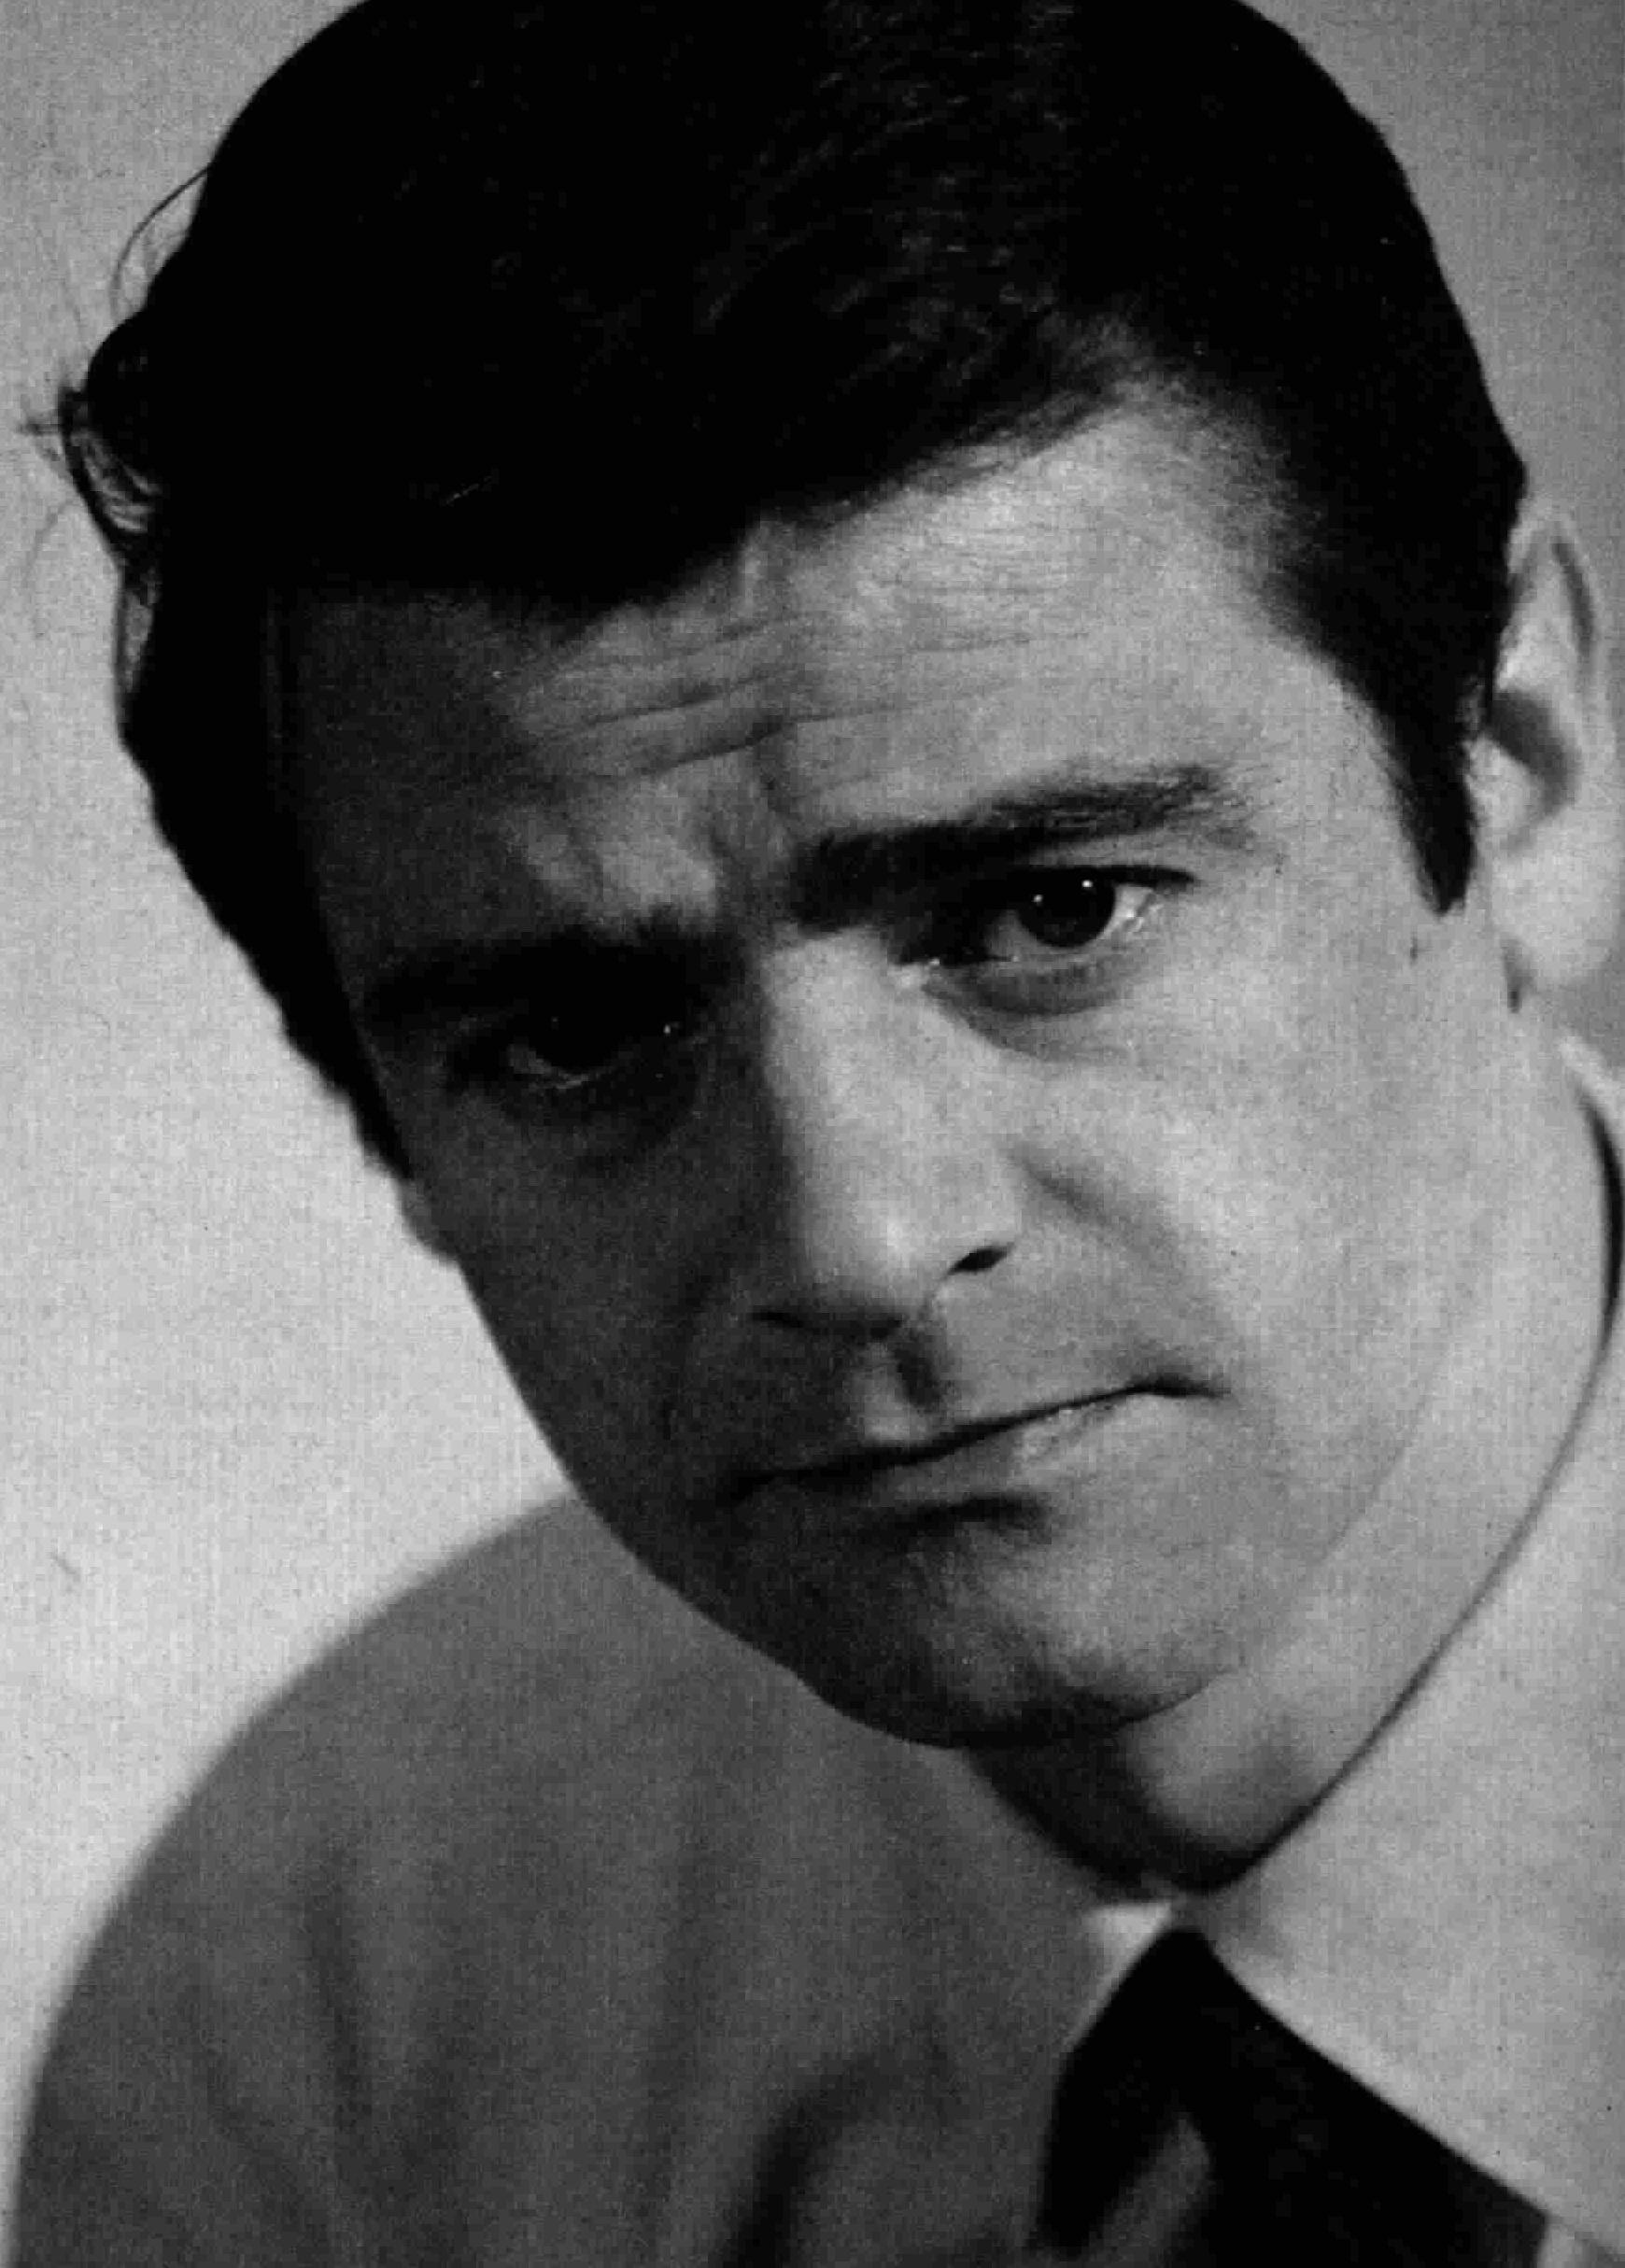 Headshot of an intense-faced Sergio Endrigo